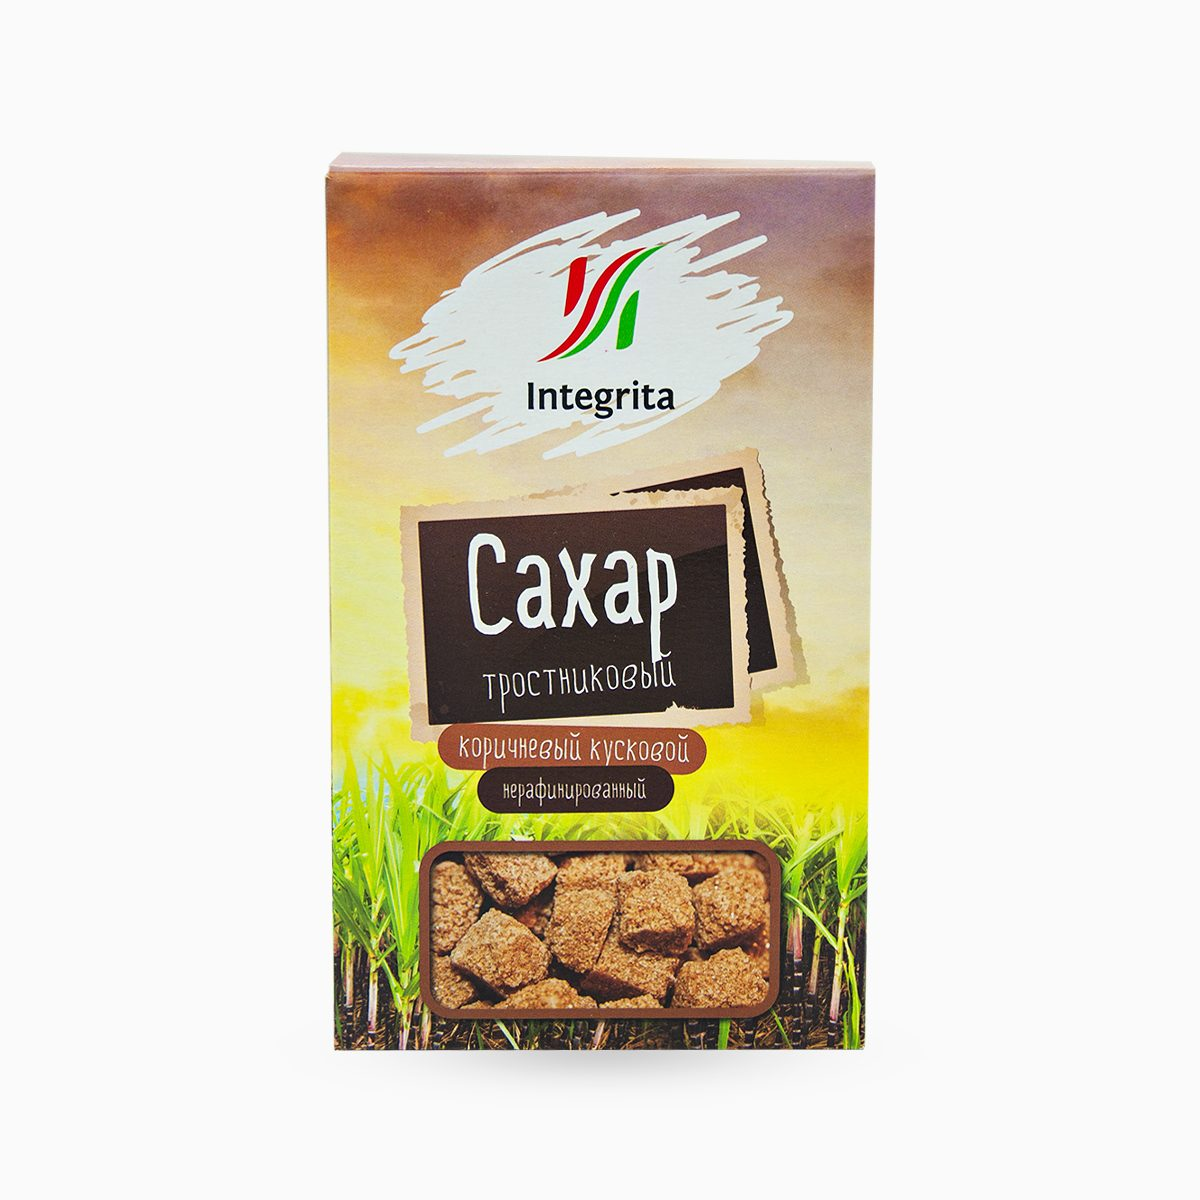 Сахар тростниковый нерафинированный кусковой, Интегрита